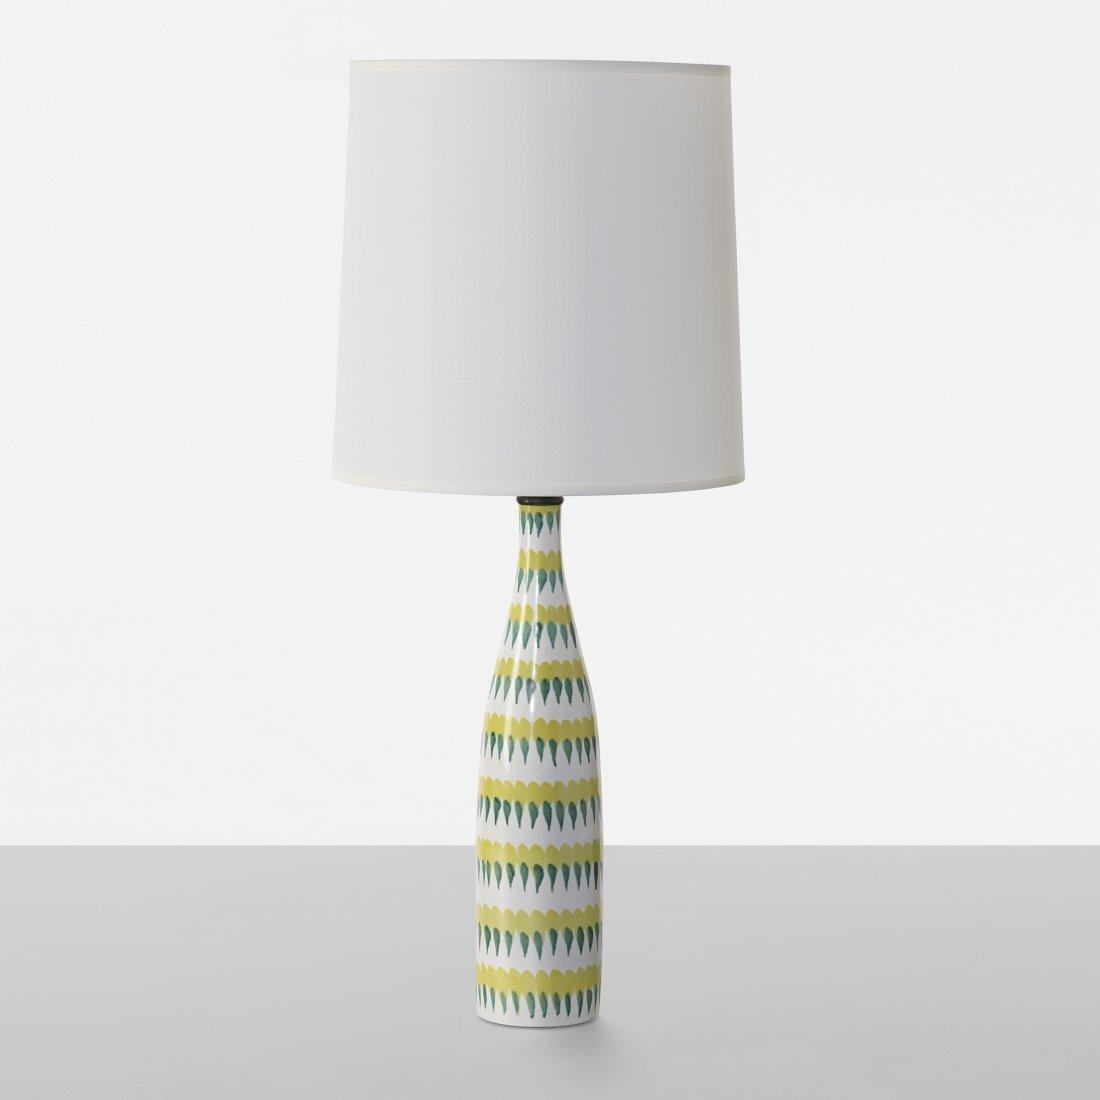 Stig Lindberg table lamp